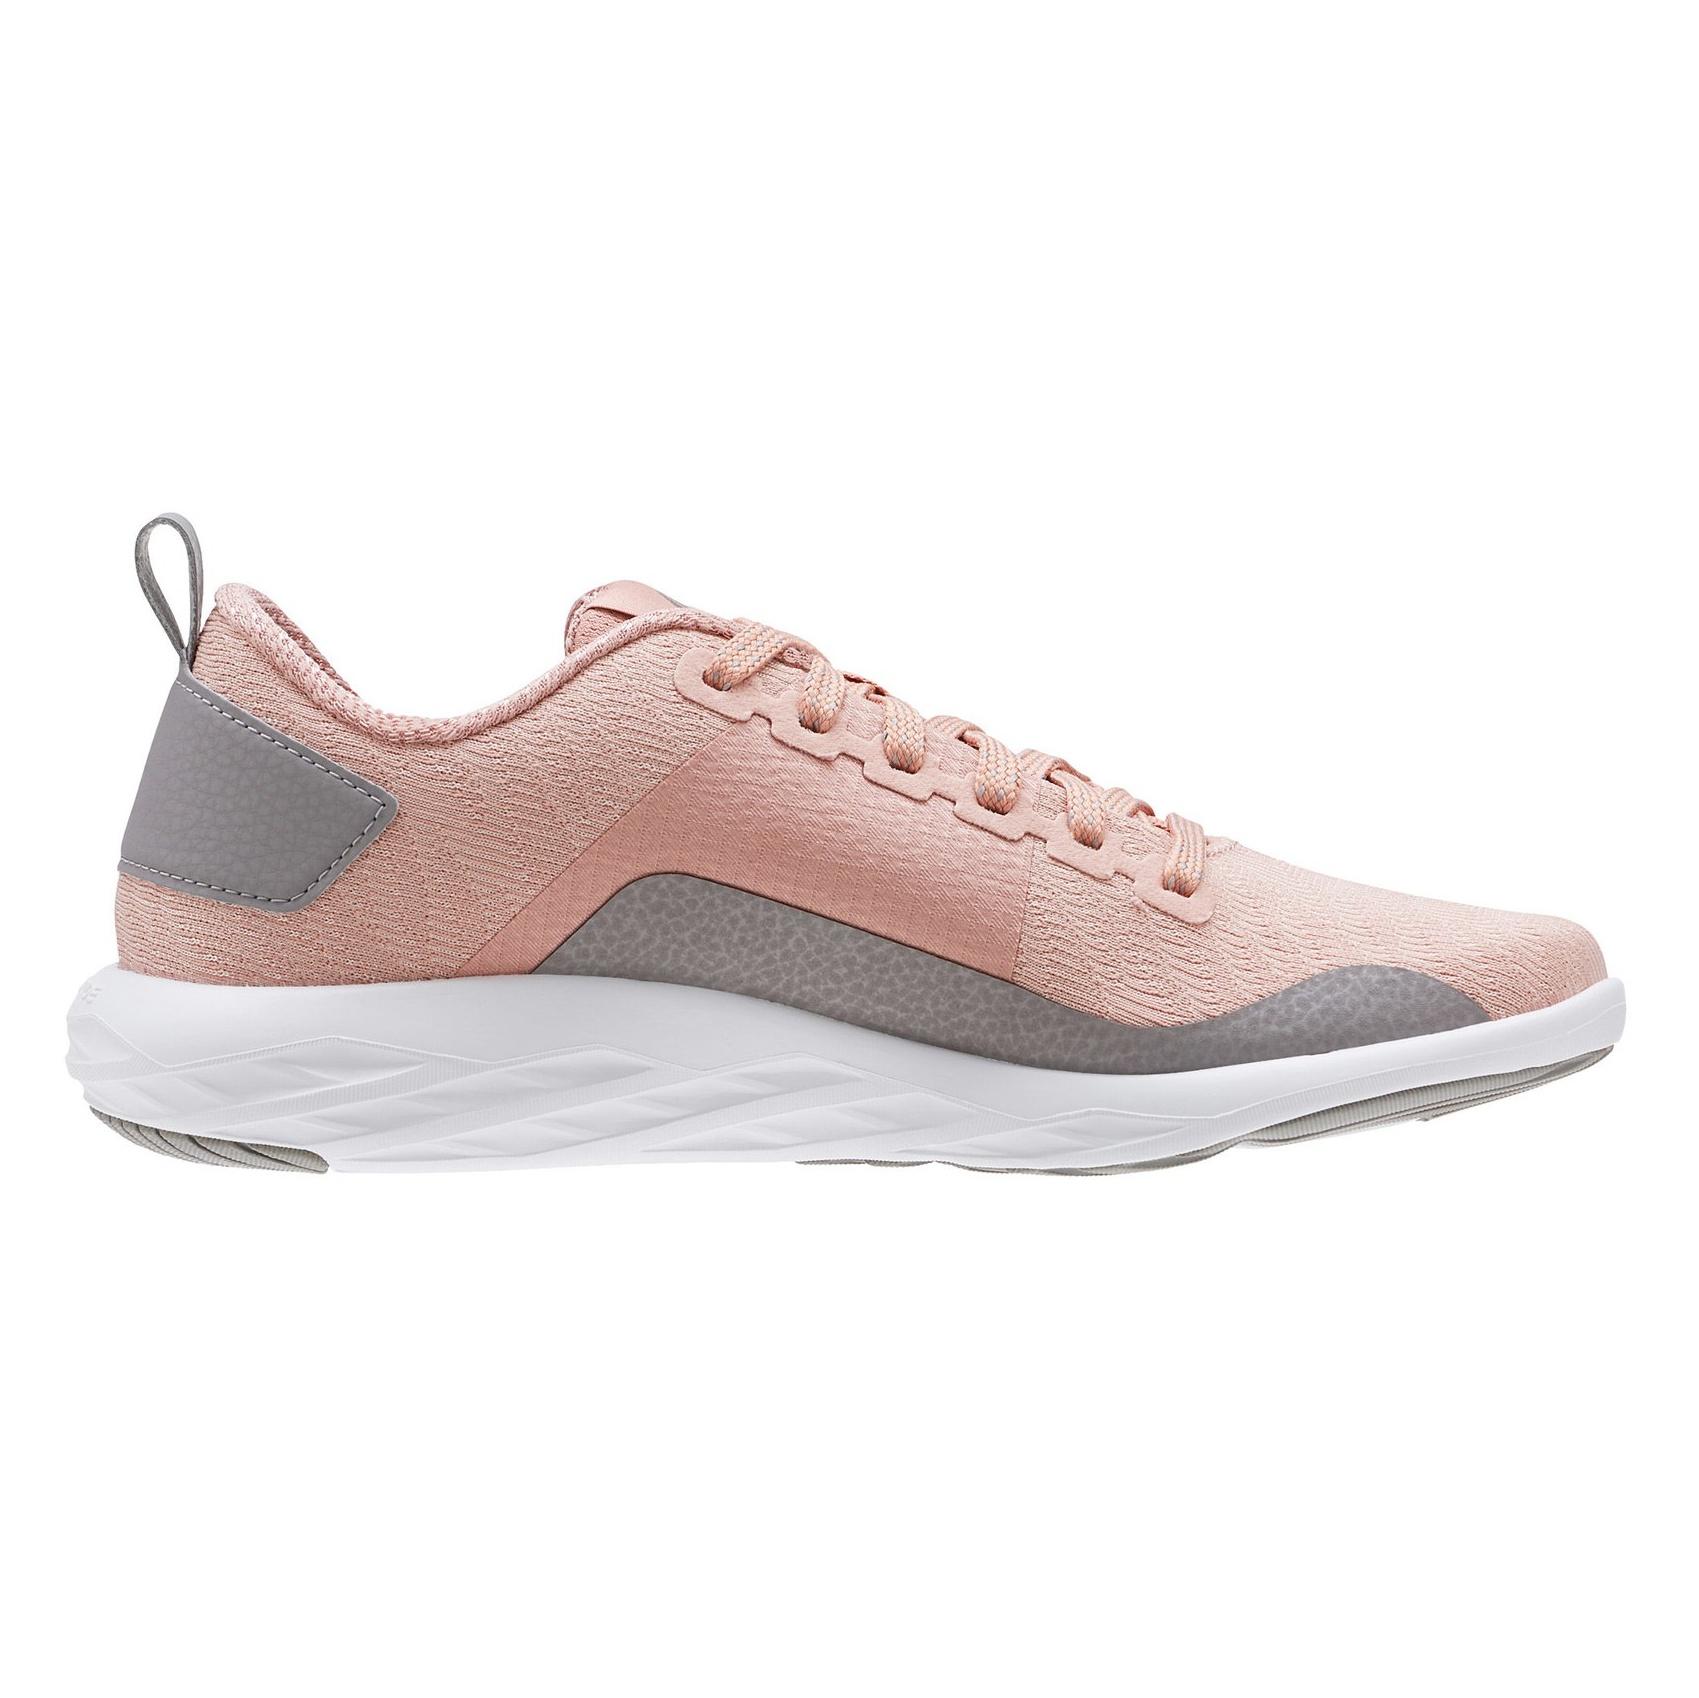 کفش مخصوص پیاده روی زنانه ریباک مدل Astroride Walk - صورتي - 2